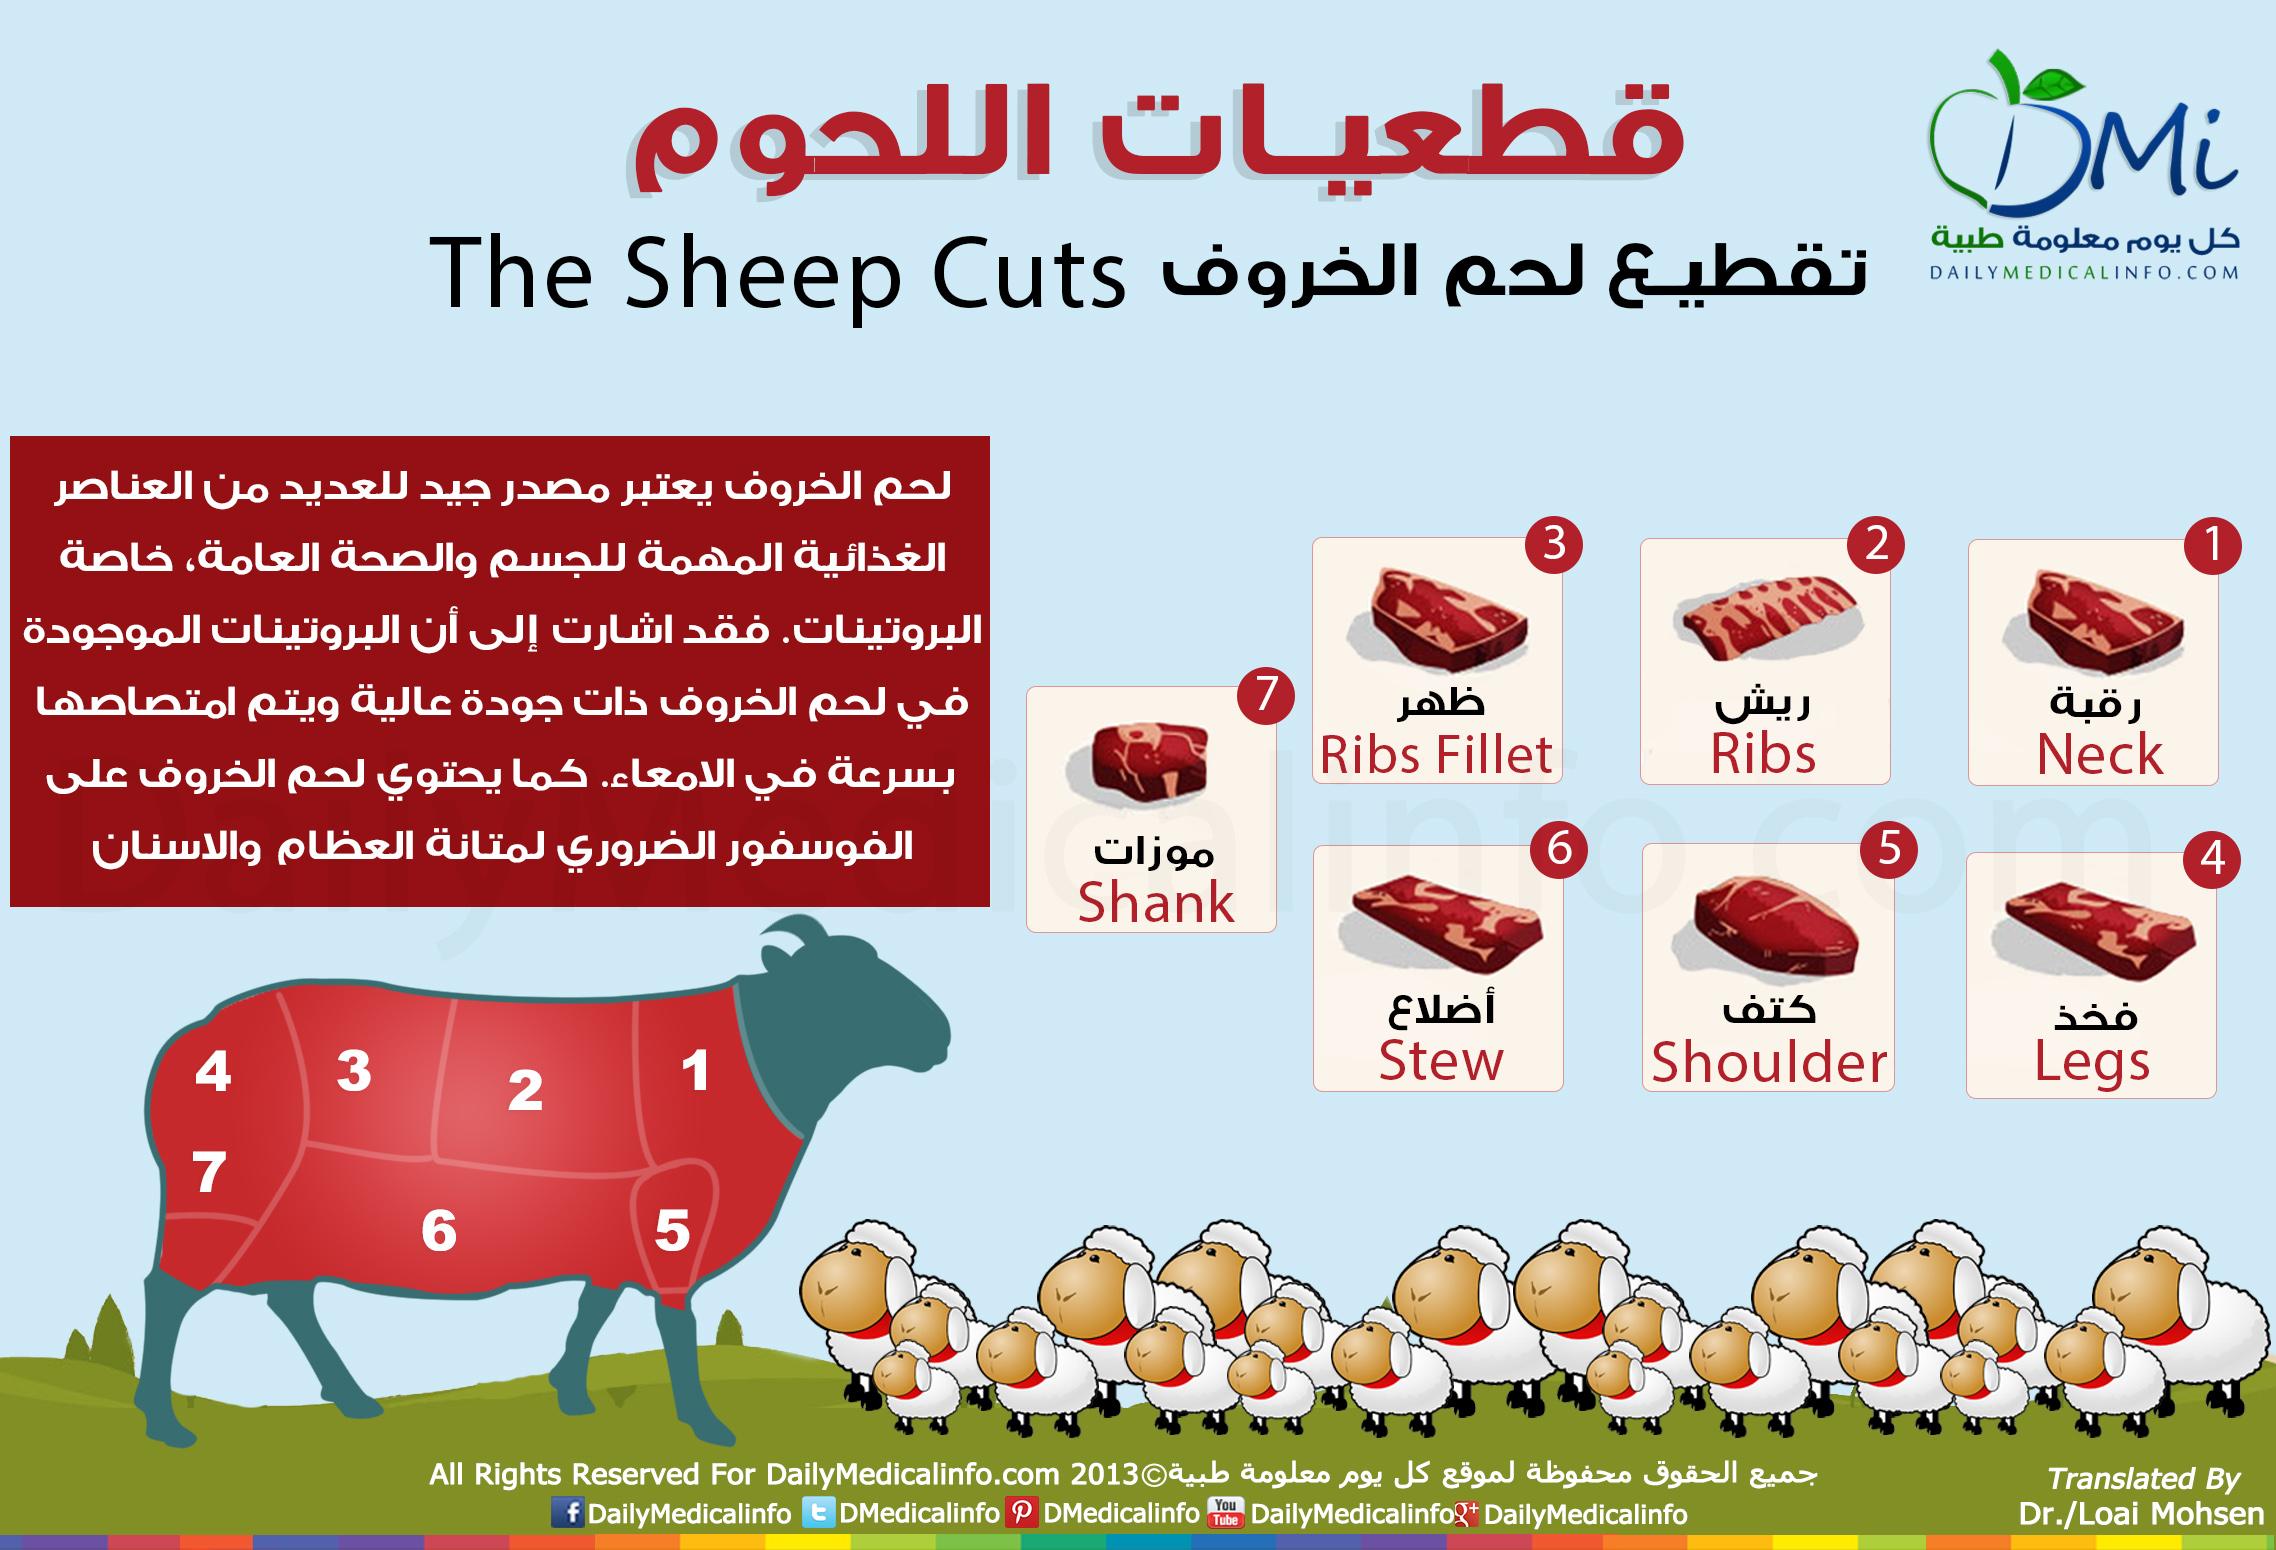 تقطيع لحم الخروف